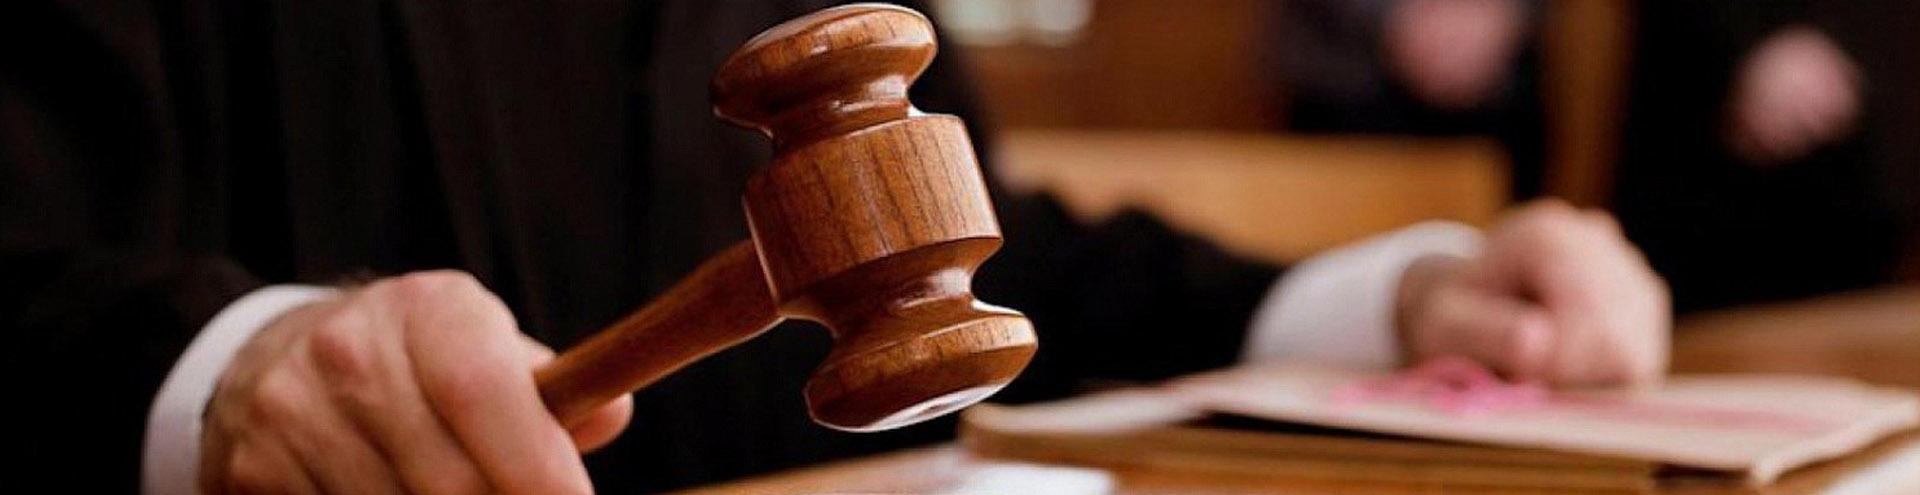 арбитражные споры в Краснодаре